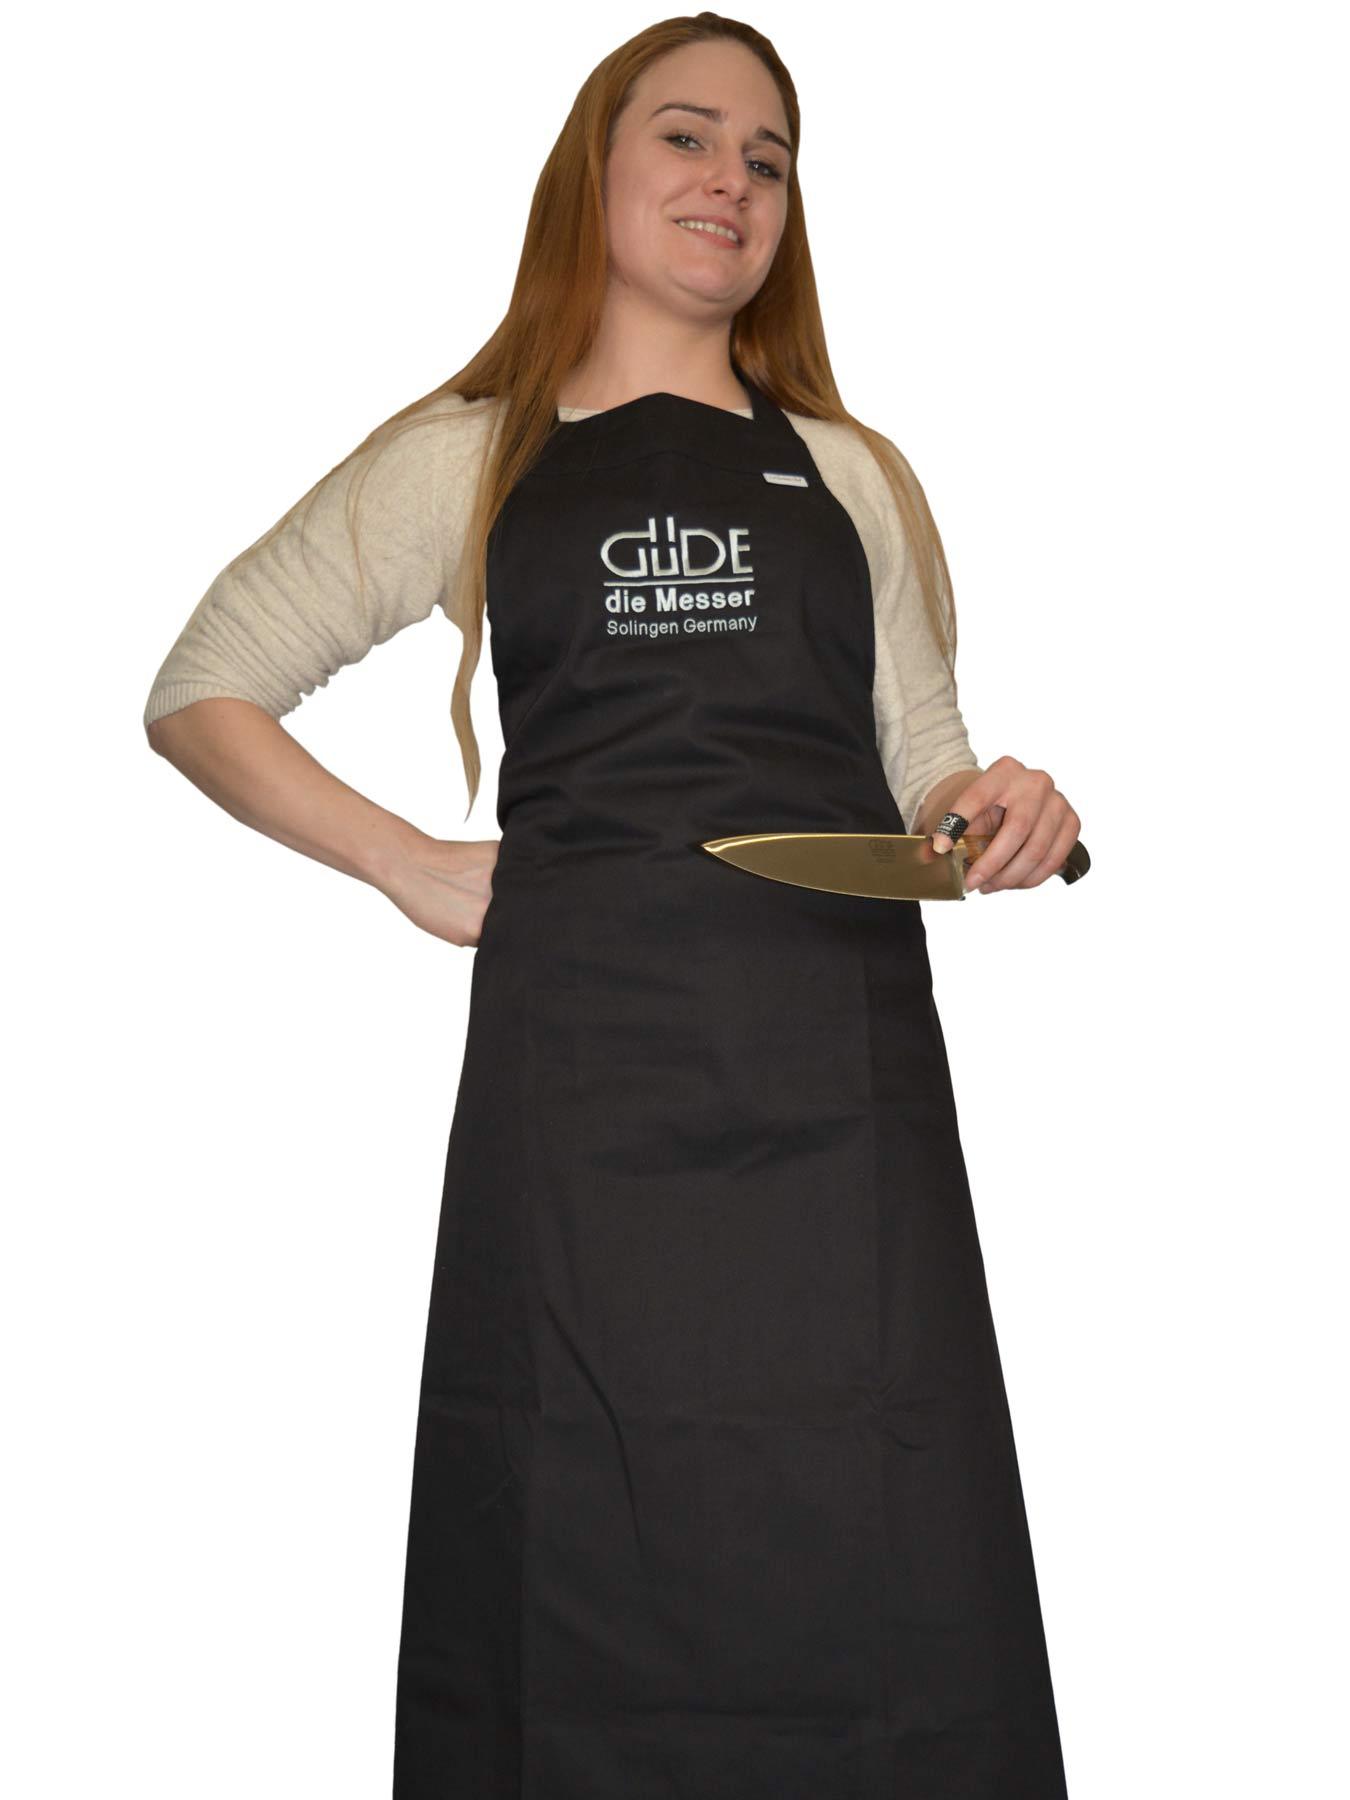 Güde Küchenschürze schwarz bestickt 100% Baumwolle 5840